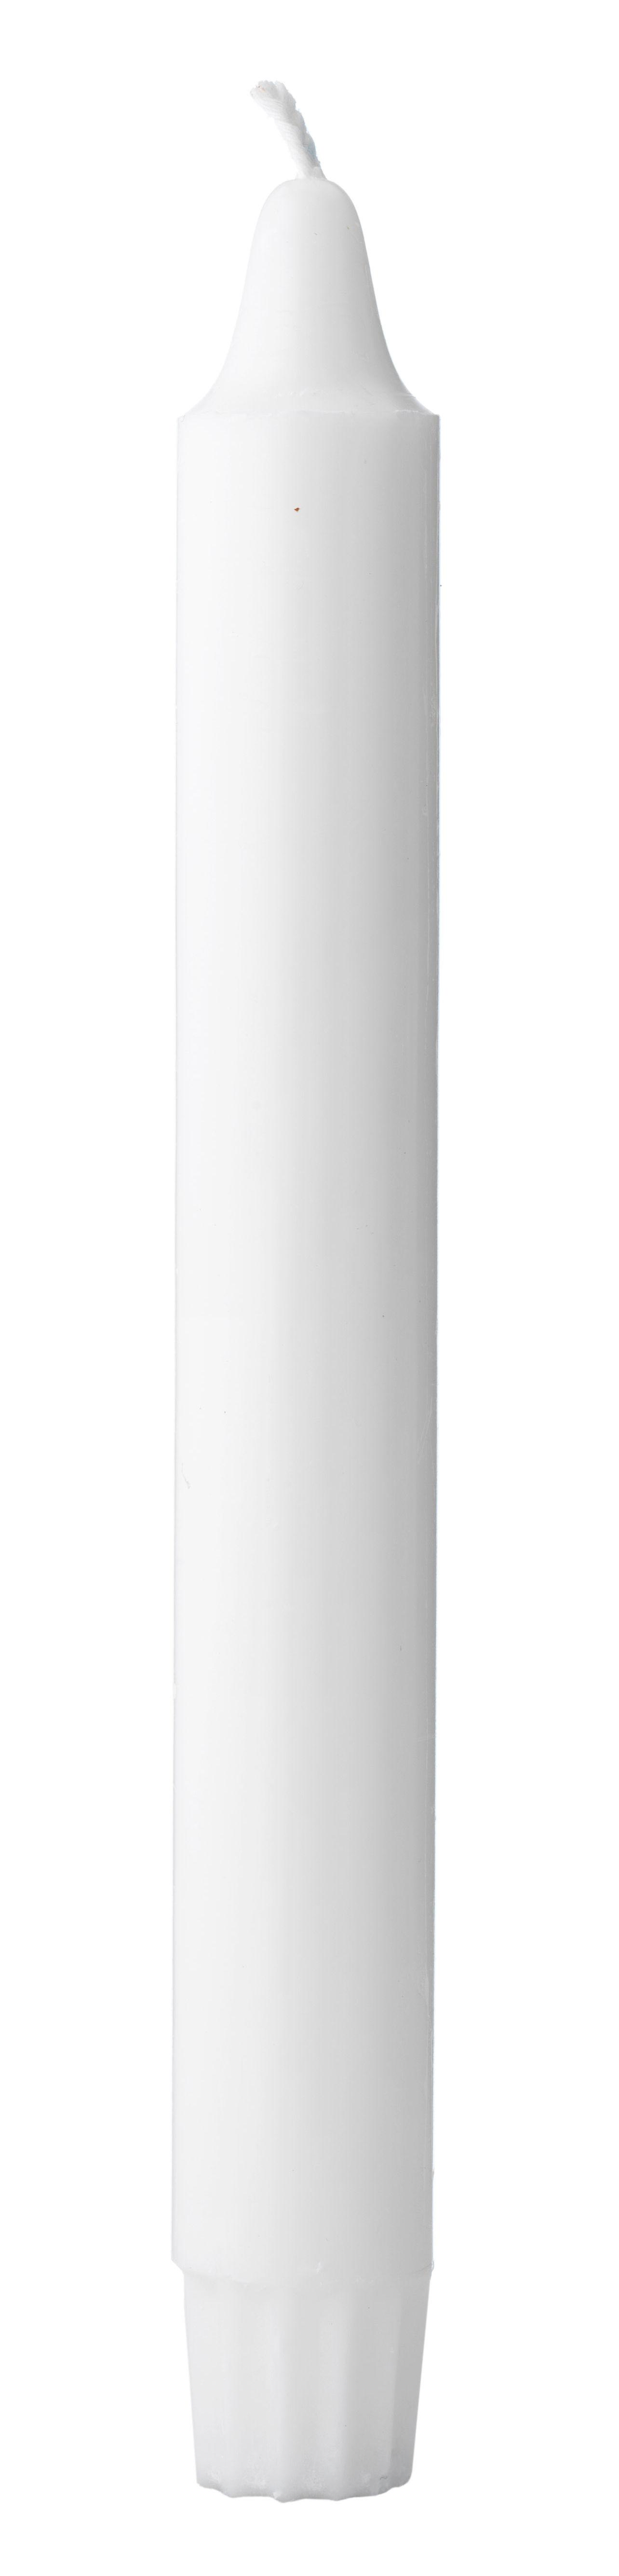 Interni - Candele, Portacandele, Lampade - Candela lunga - / Set 16 elementi di by Lassen - Bianco / 16 elementi - Cera